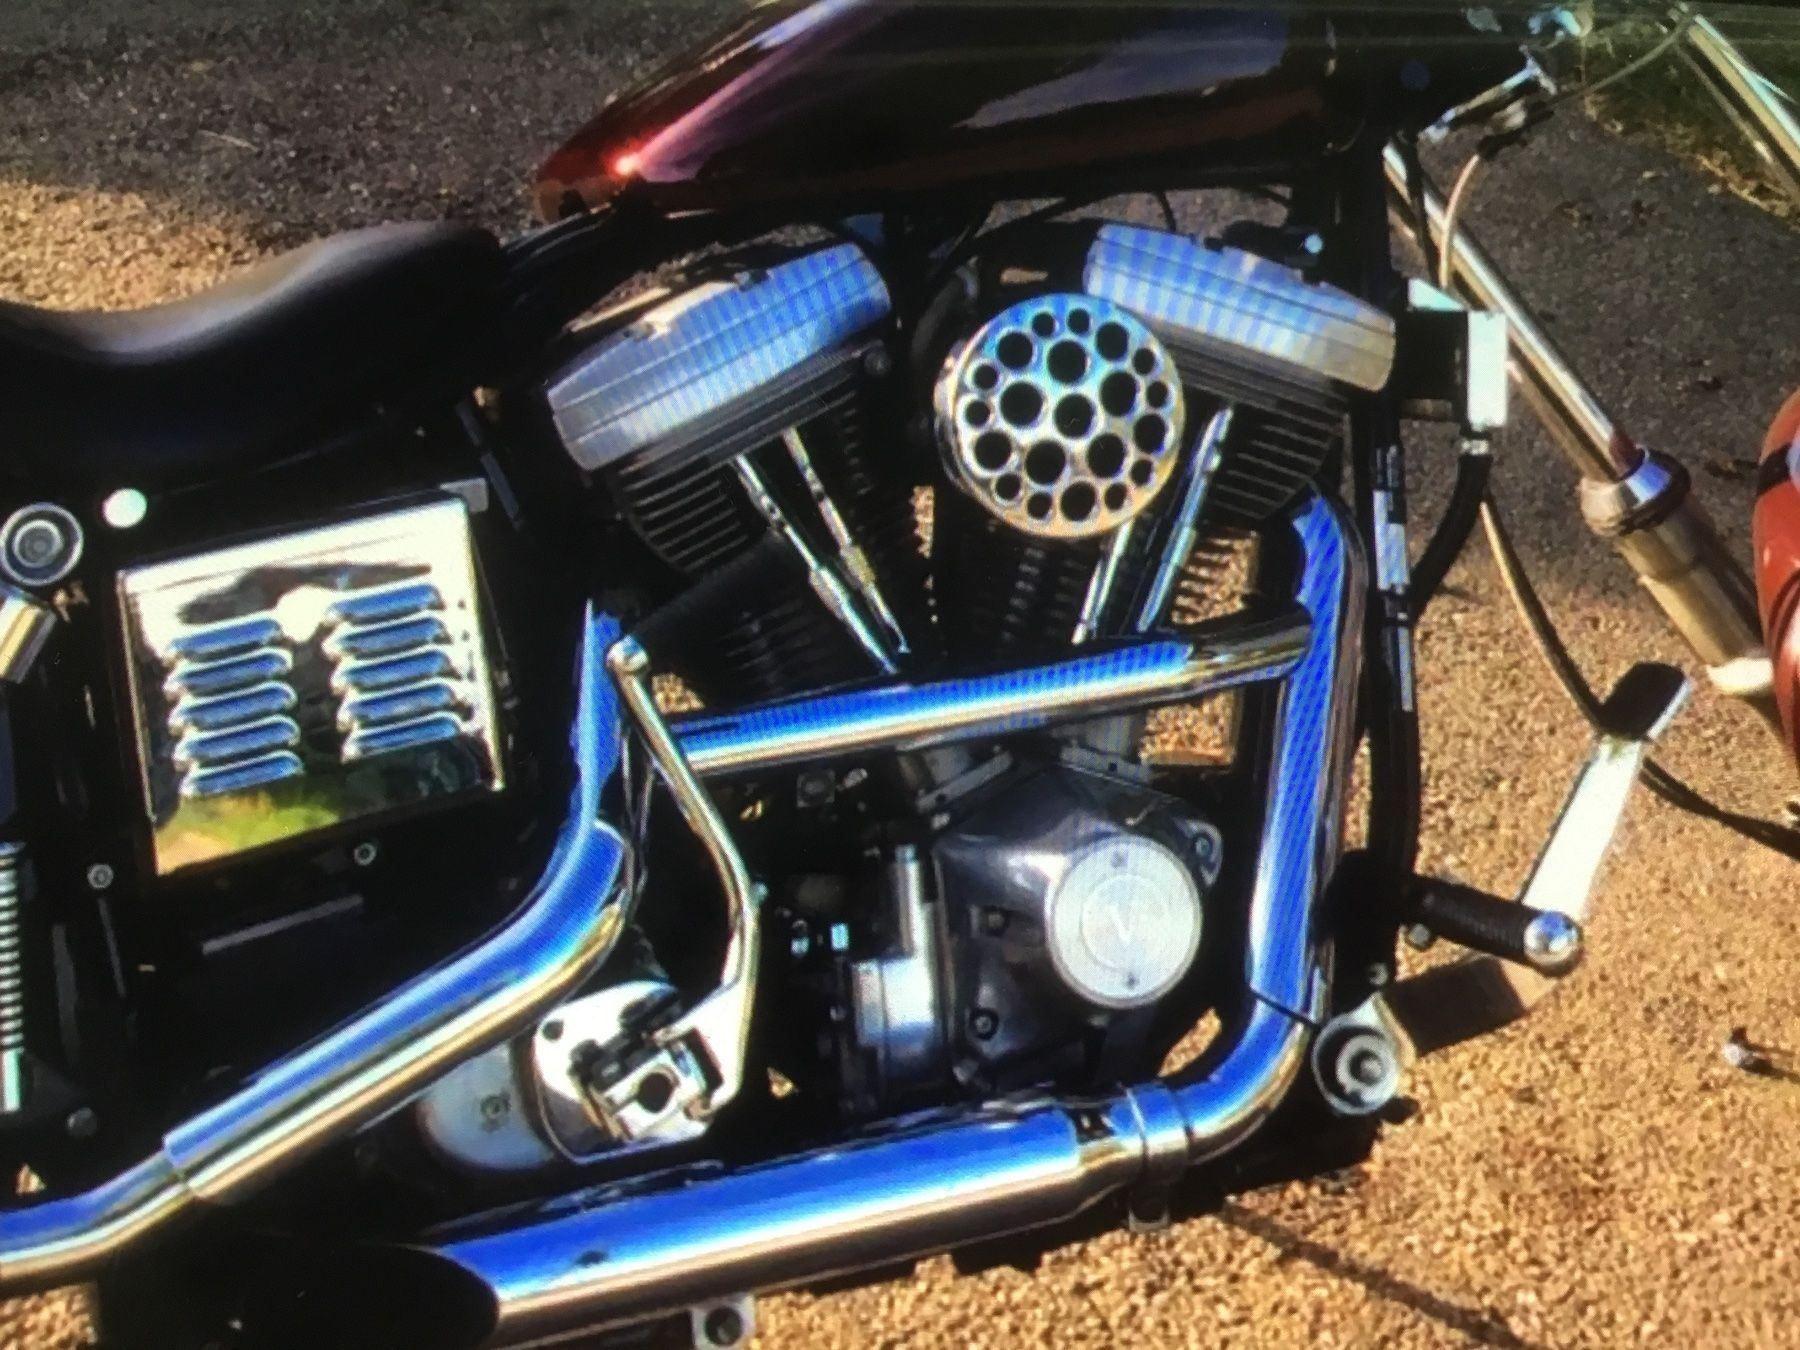 Harley-Davidson FXR 1340 Super Glide